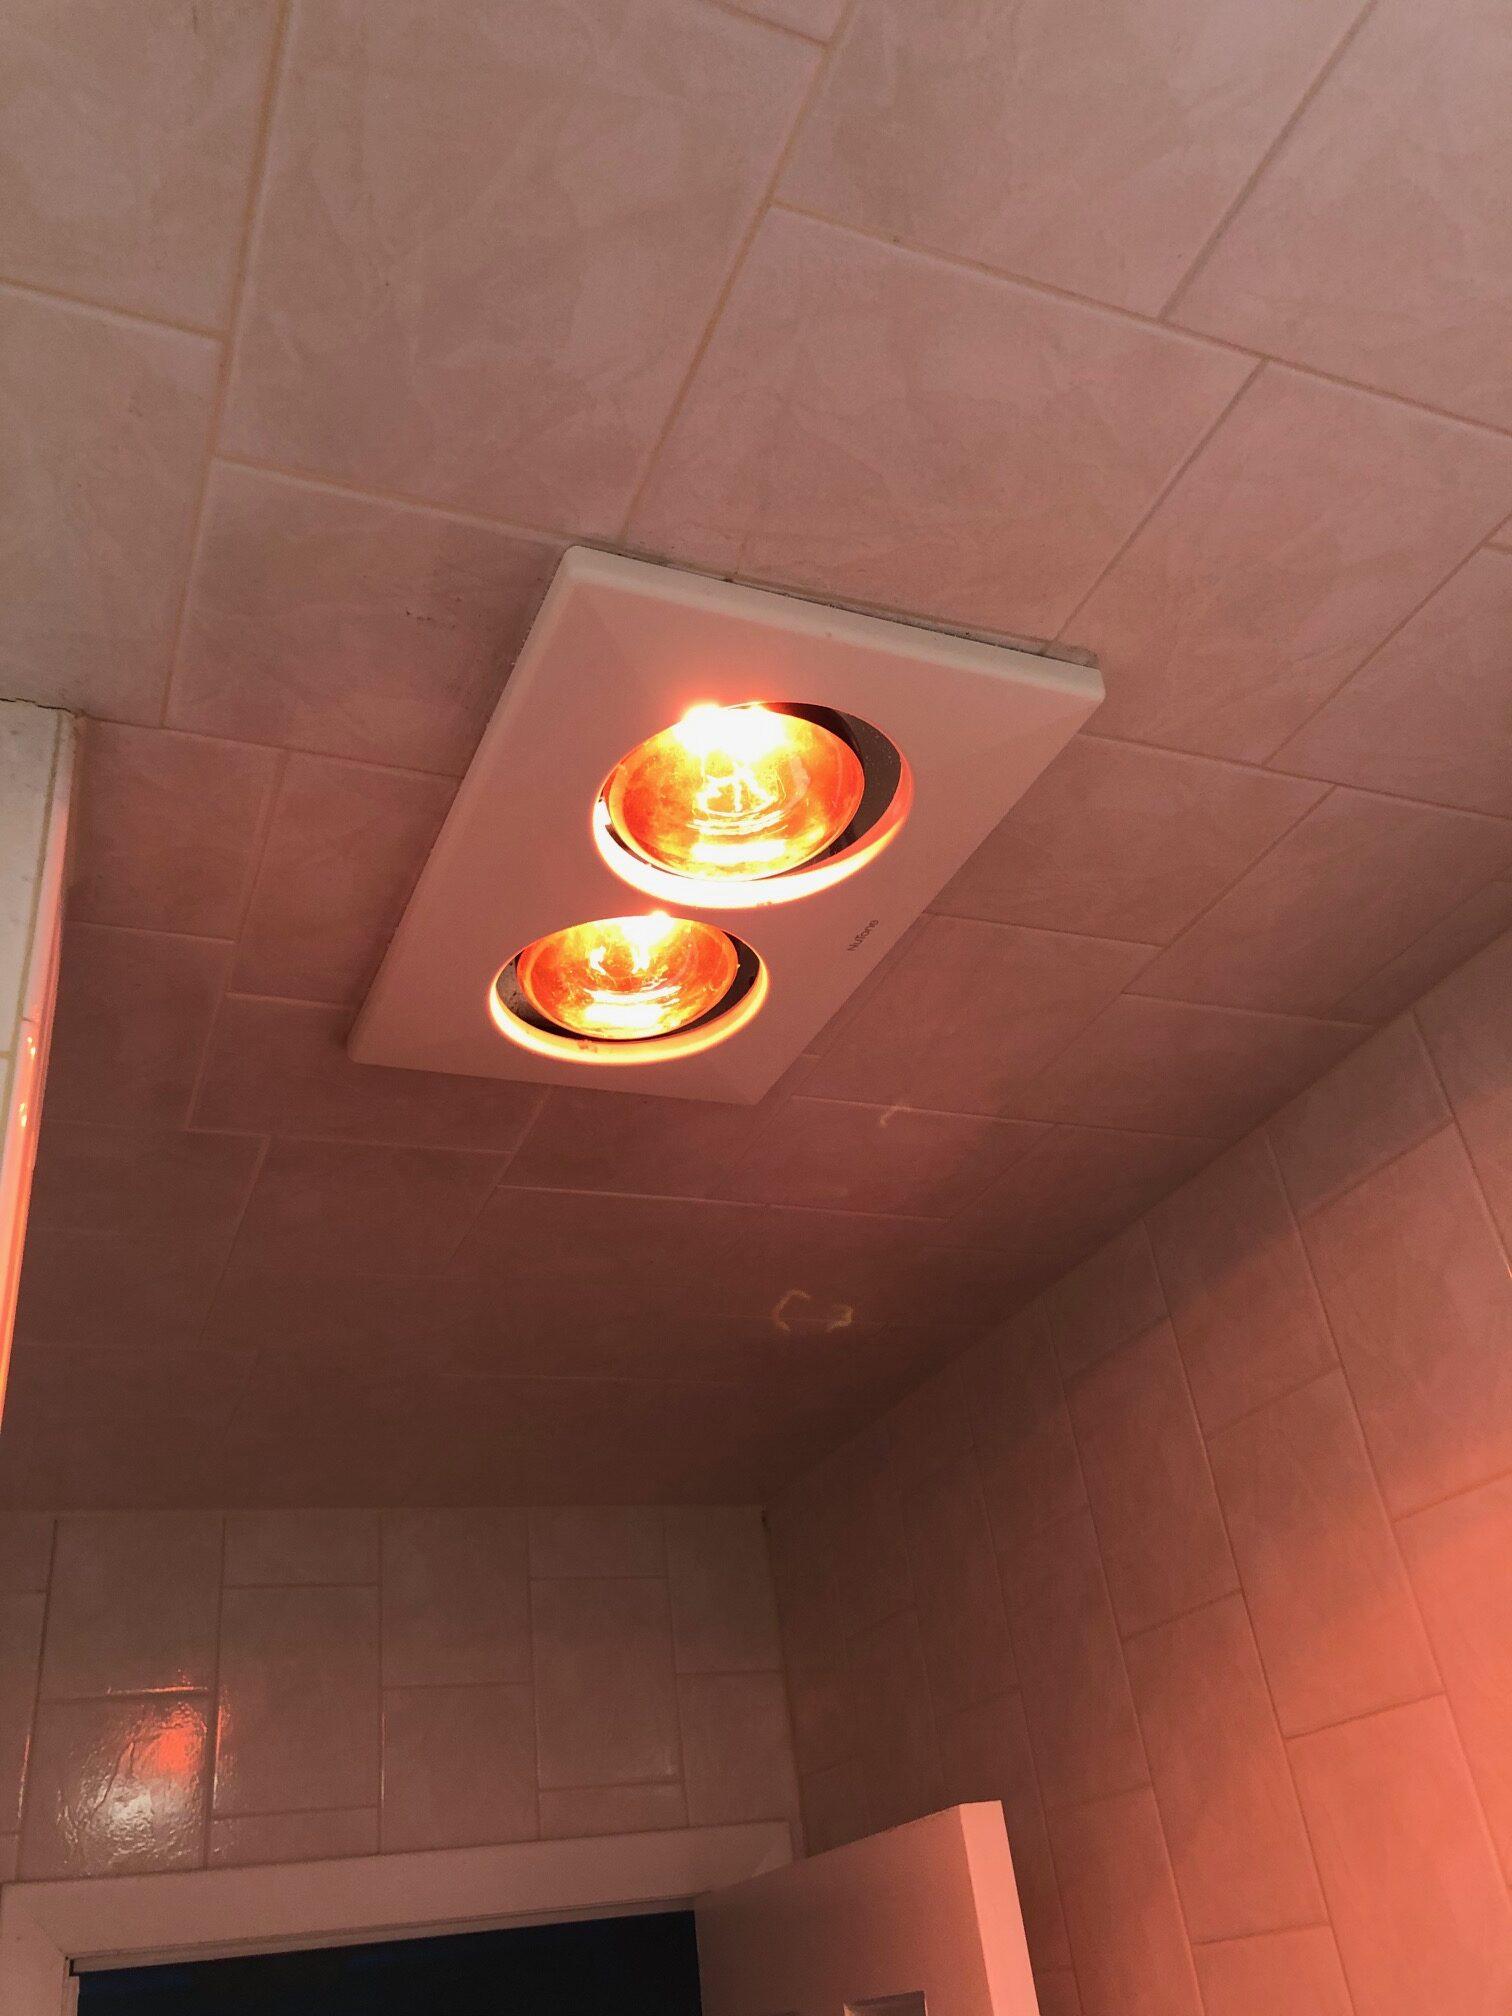 Bathroom Heat Lamp Installation North Babylon, NY 11702